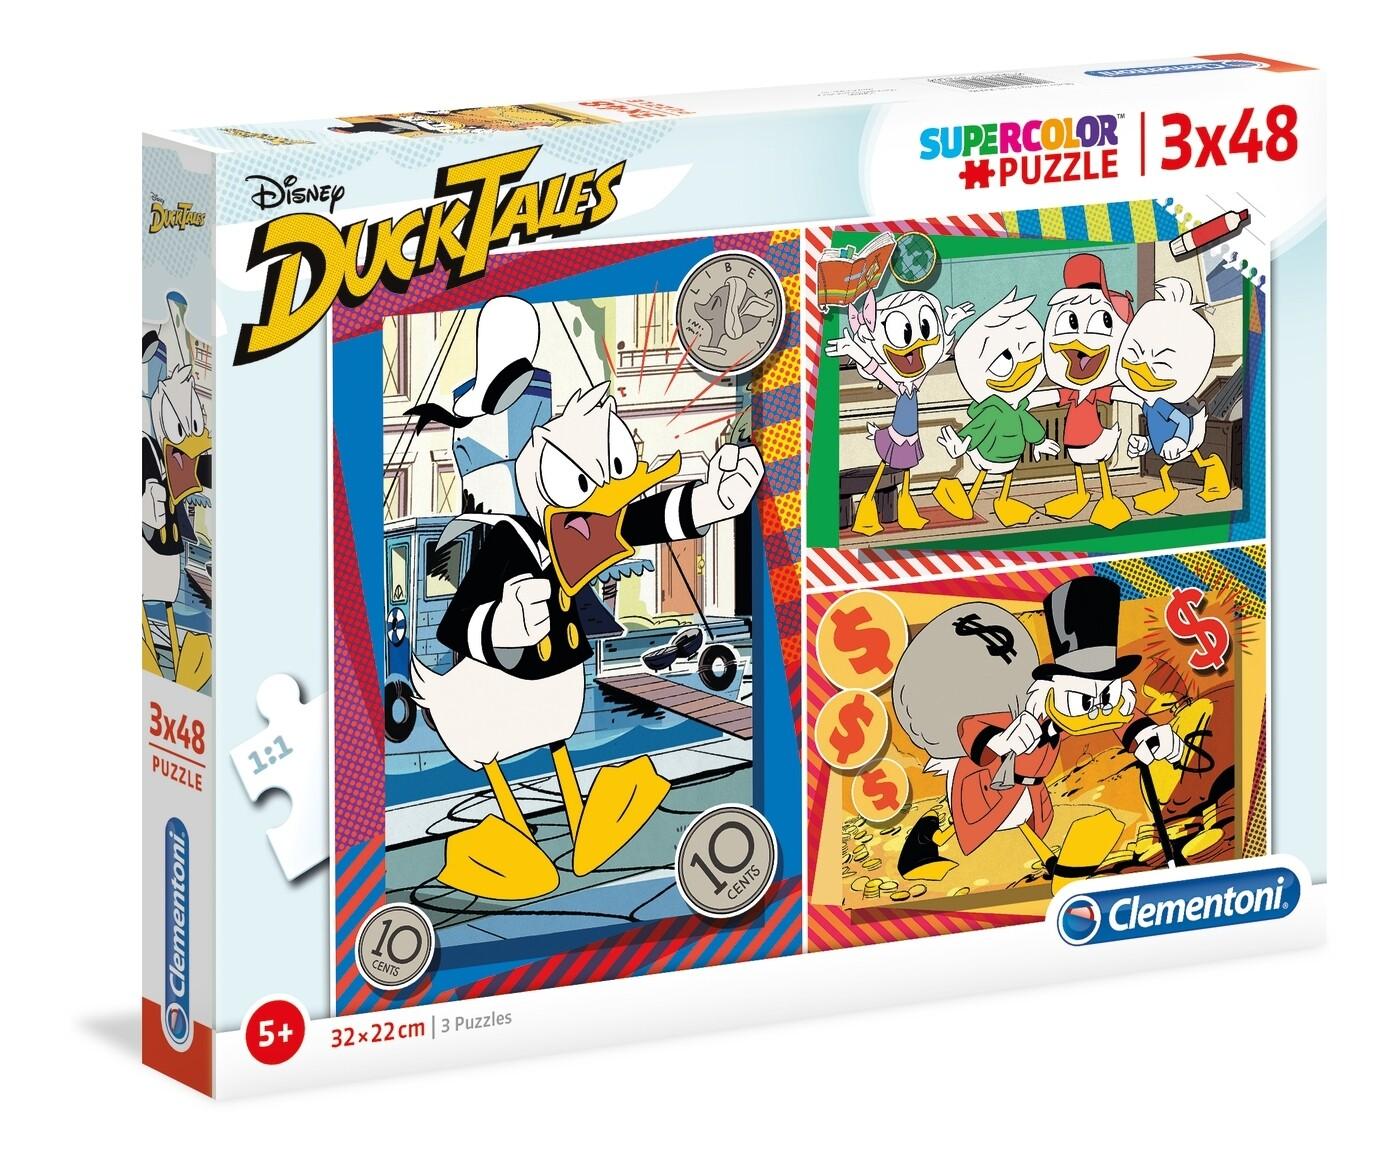 PUZZLE Ducktales - Disney 3x48pcs - CLEMENTONI